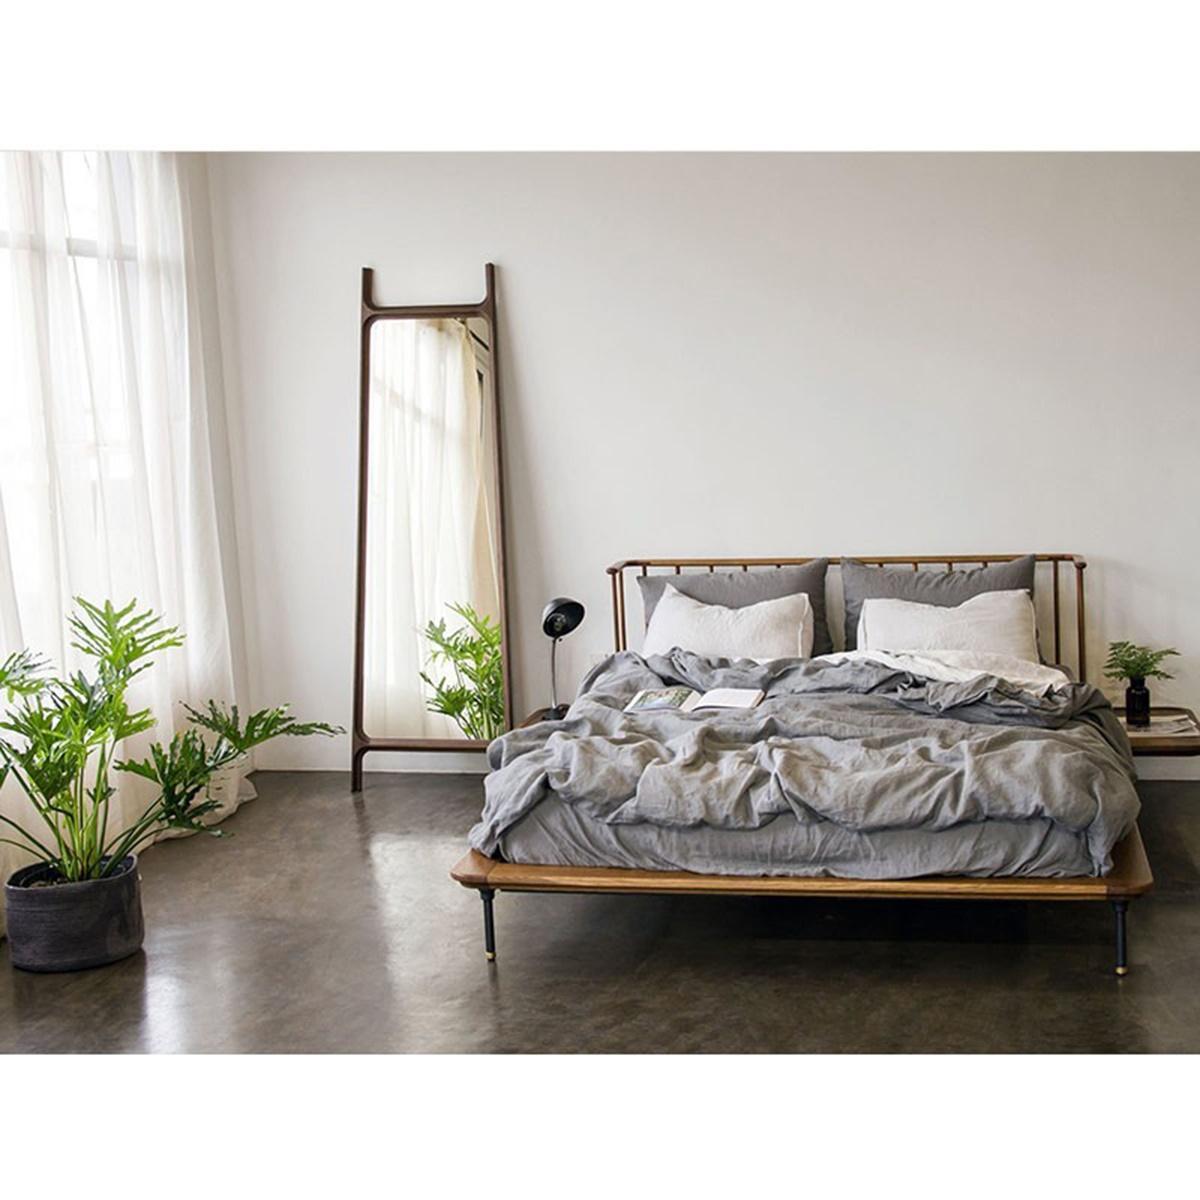 Phòng ngủ nên đặt cây gì 4